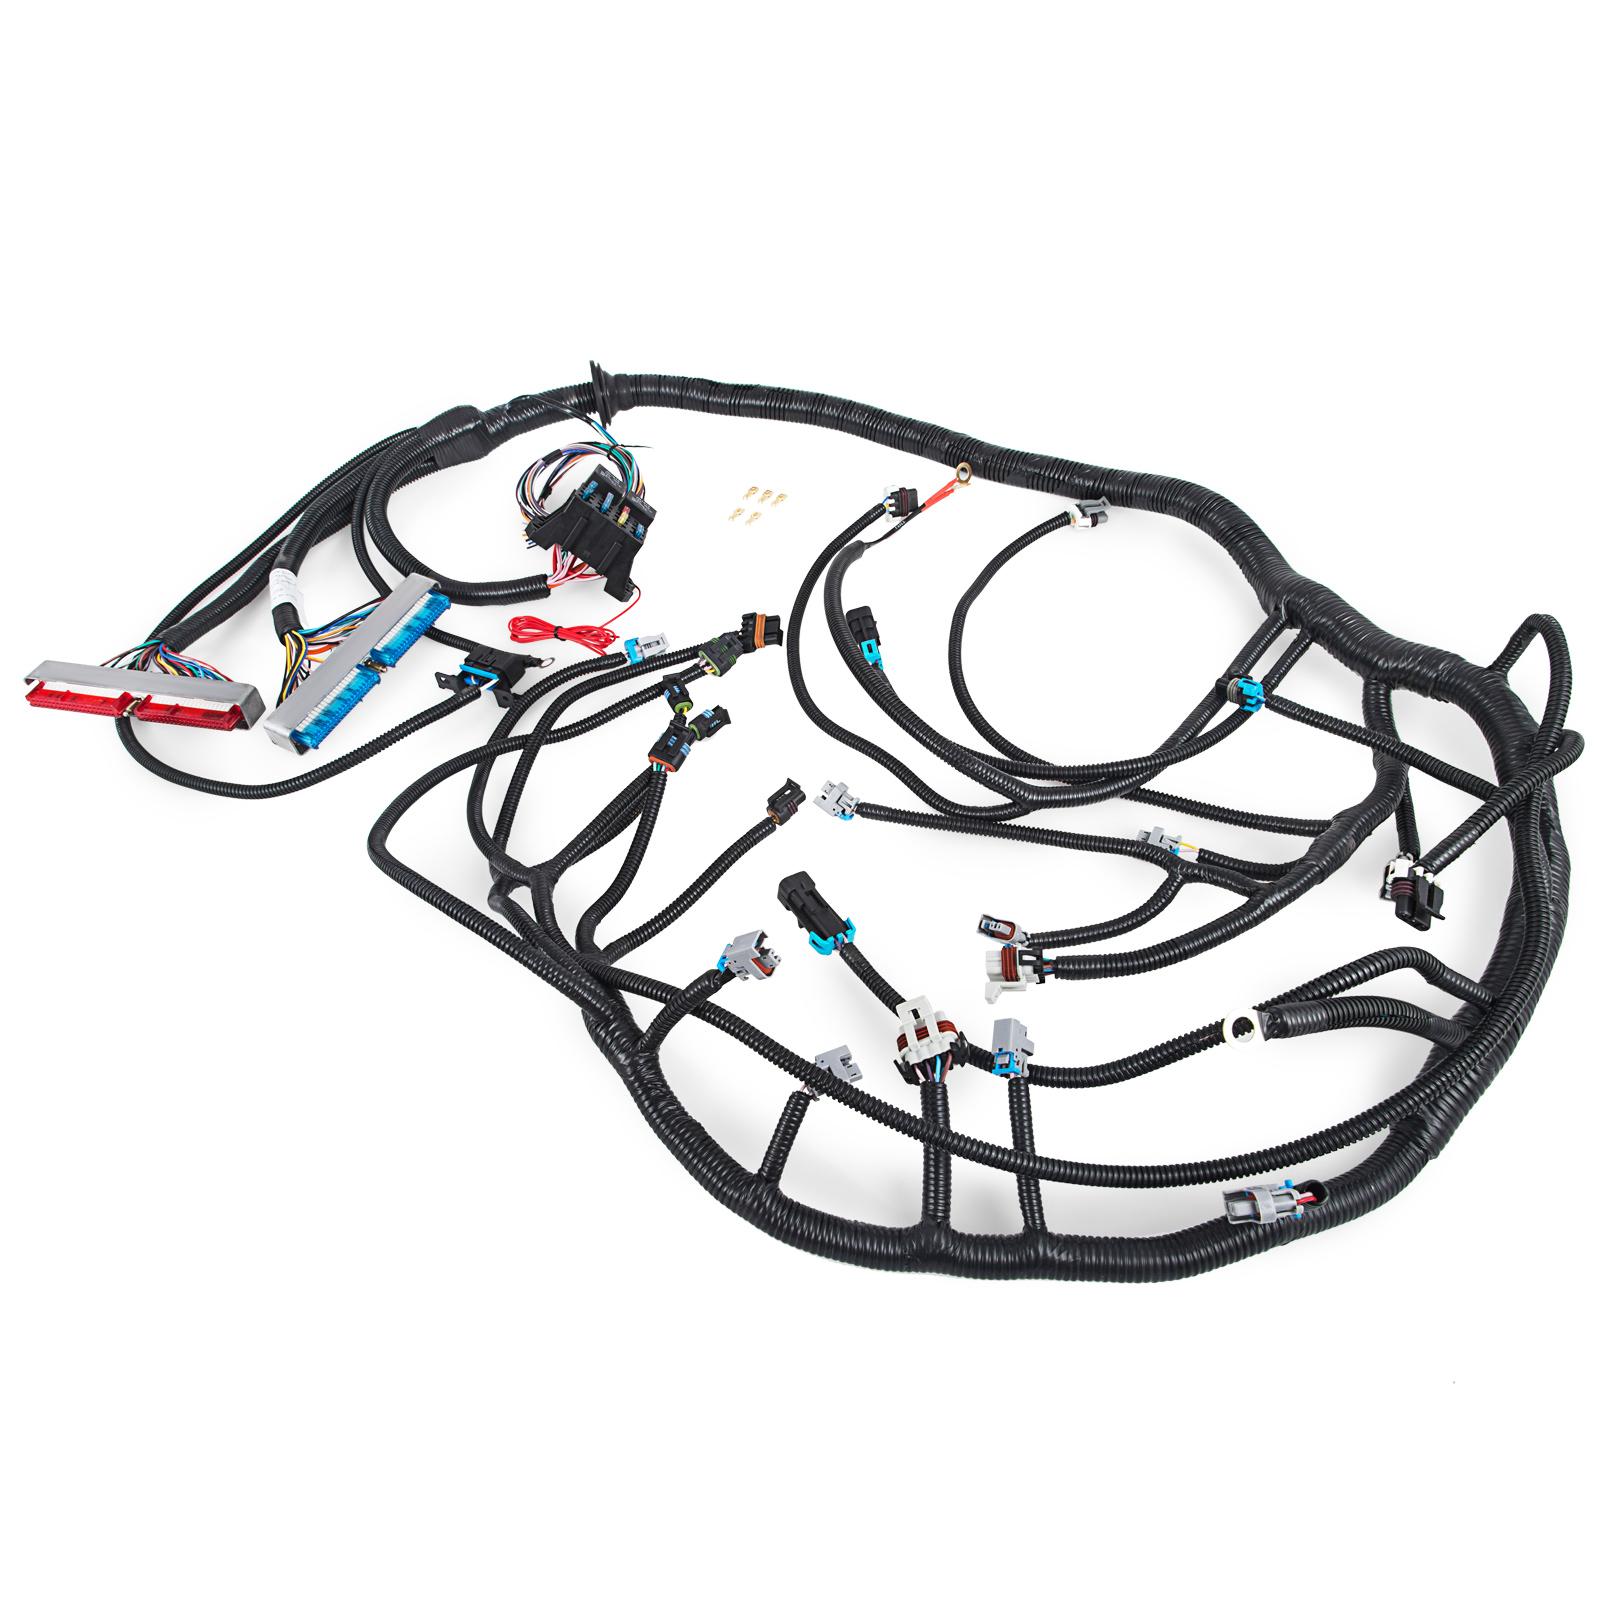 Oem Wire Harness Ls1 Lsx Standalone W T56 Dbc